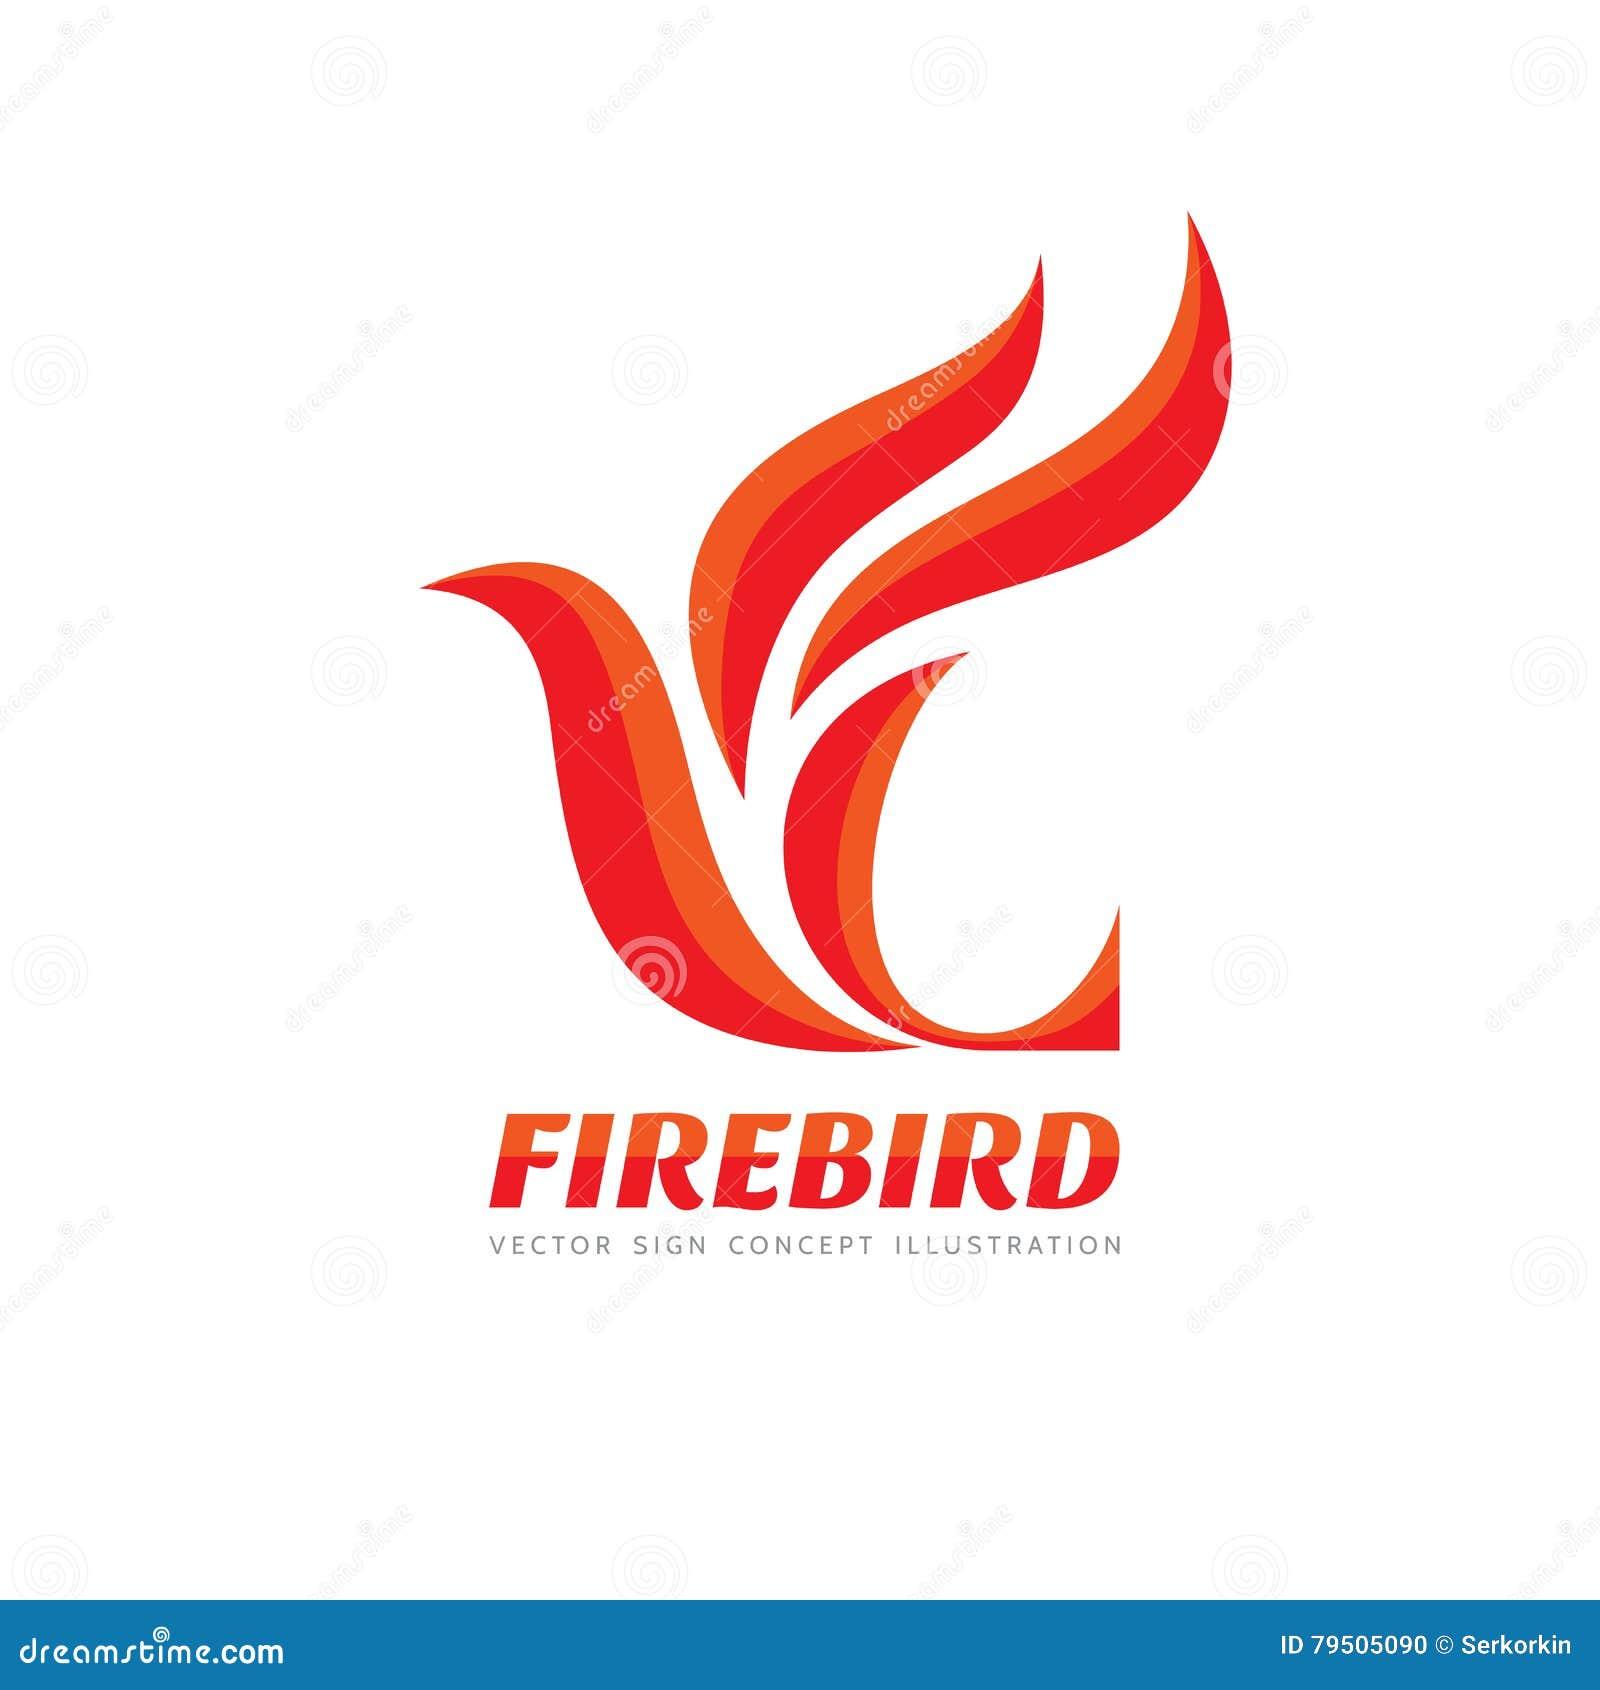 Fire Bird Vector Logo Template Concept Illustration Abstract